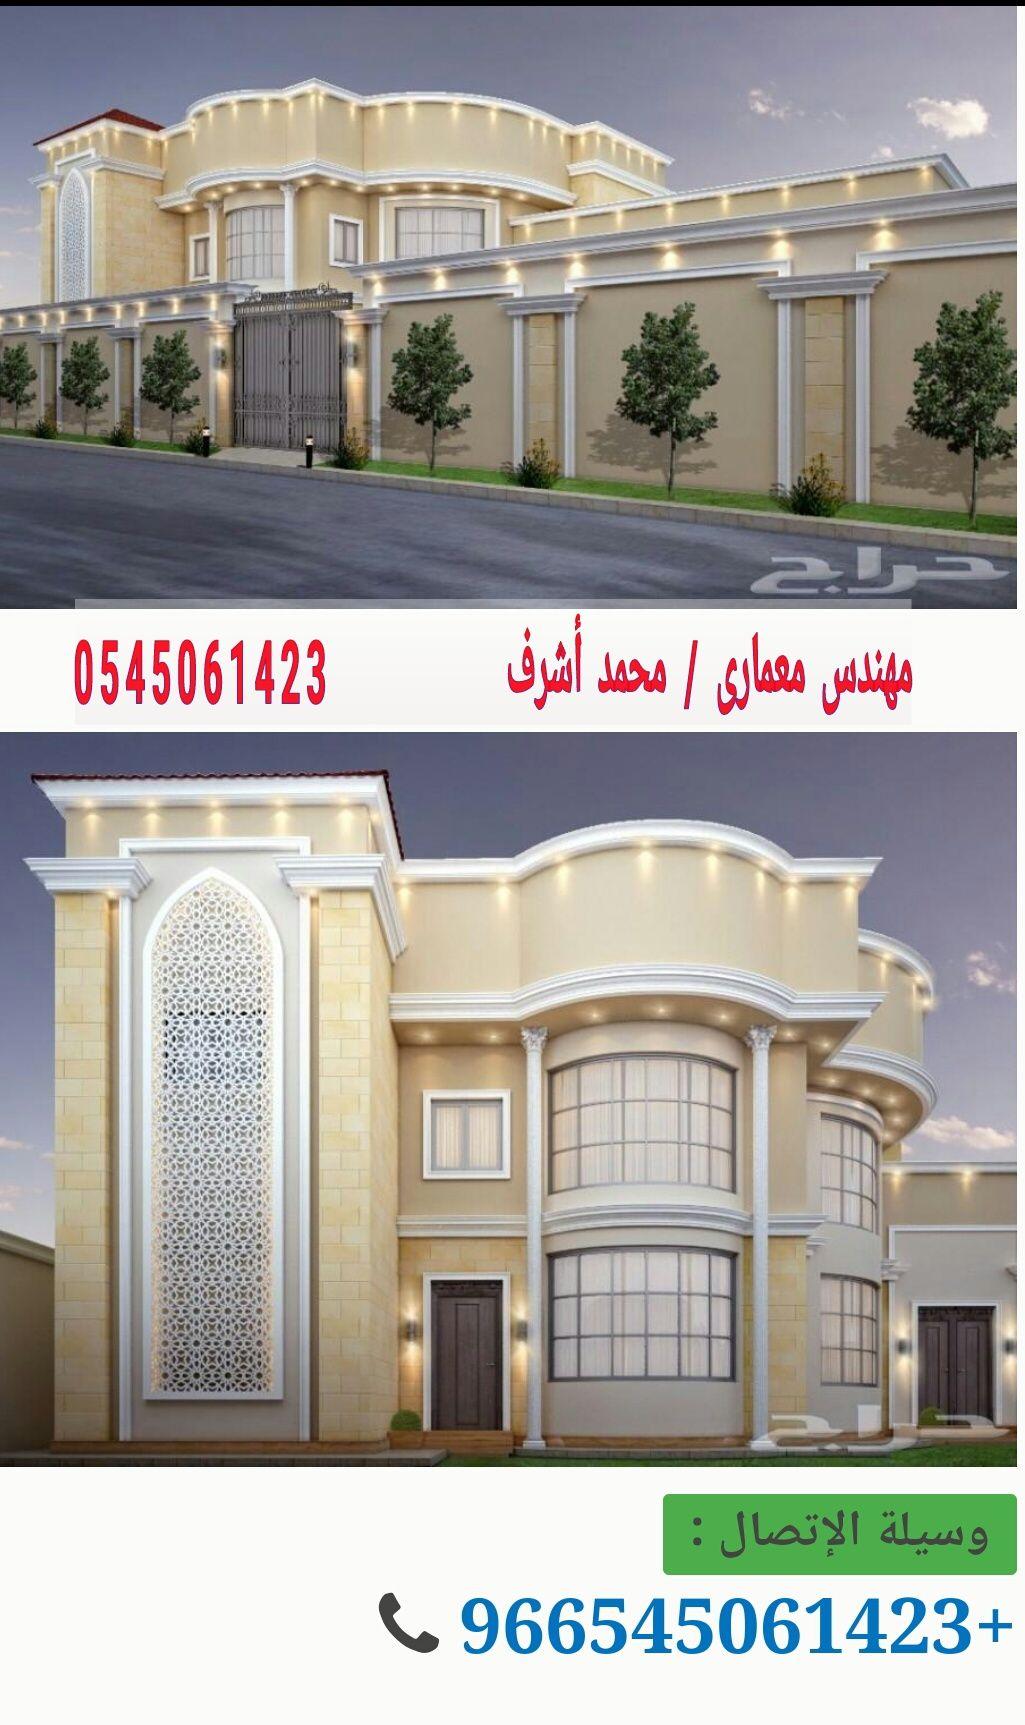 مصمم واجهات خارجيه بالرياض مصمم ثلاثي الابعاد مصمم واجهات سي 0545061423 Modern House Facades Best Modern House Design House Architecture Styles